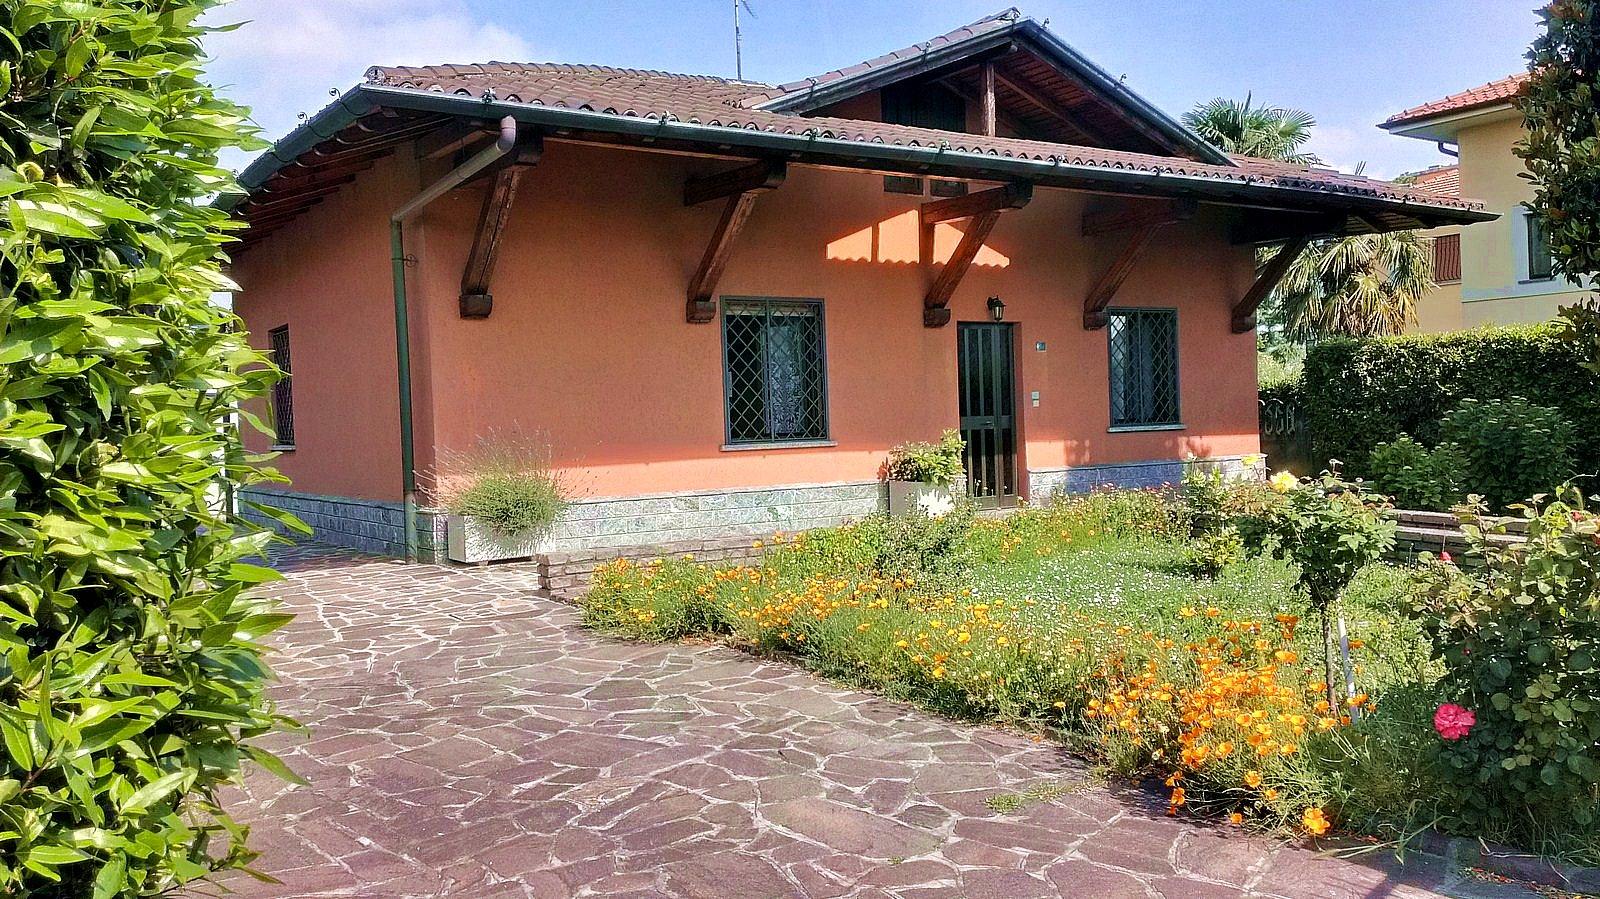 Soluzione Indipendente in vendita a Briosco, 4 locali, prezzo € 330.000 | CambioCasa.it